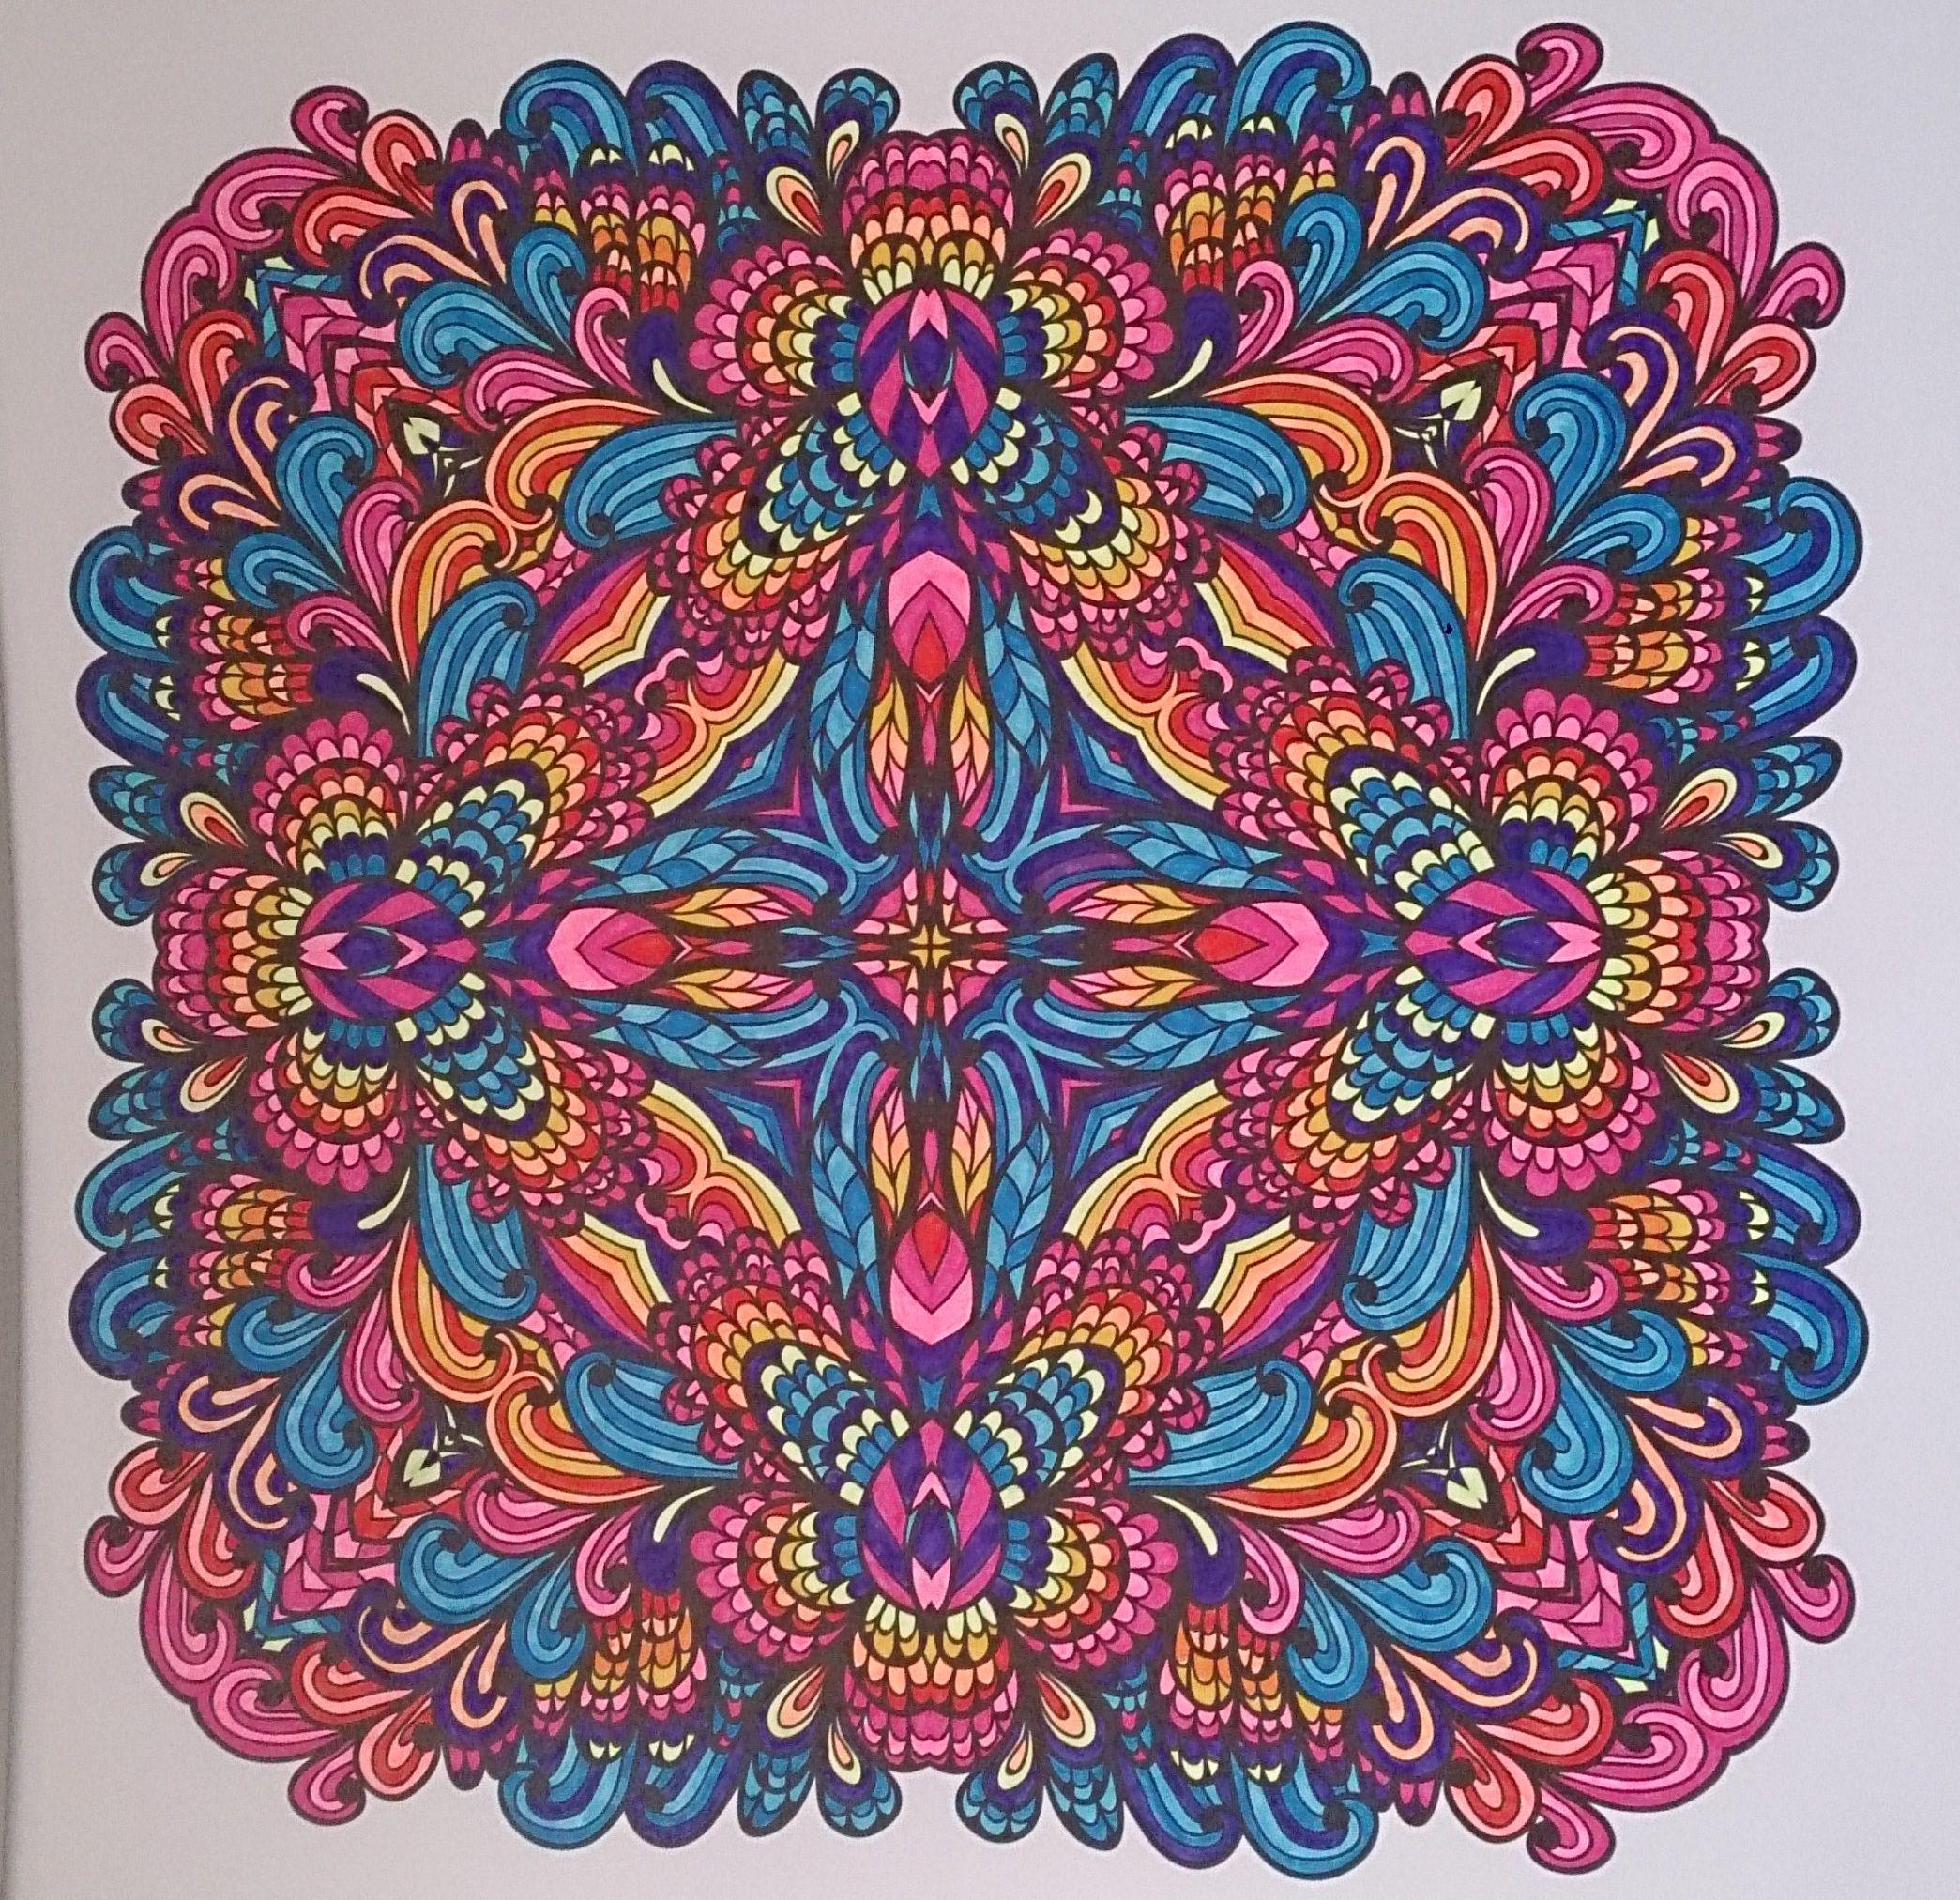 Ingekleurd Met Stabilo 68 Uit Het Enige Echte Mandala Kleurboek Mandala Kleurplaten Mandala Kleurboek